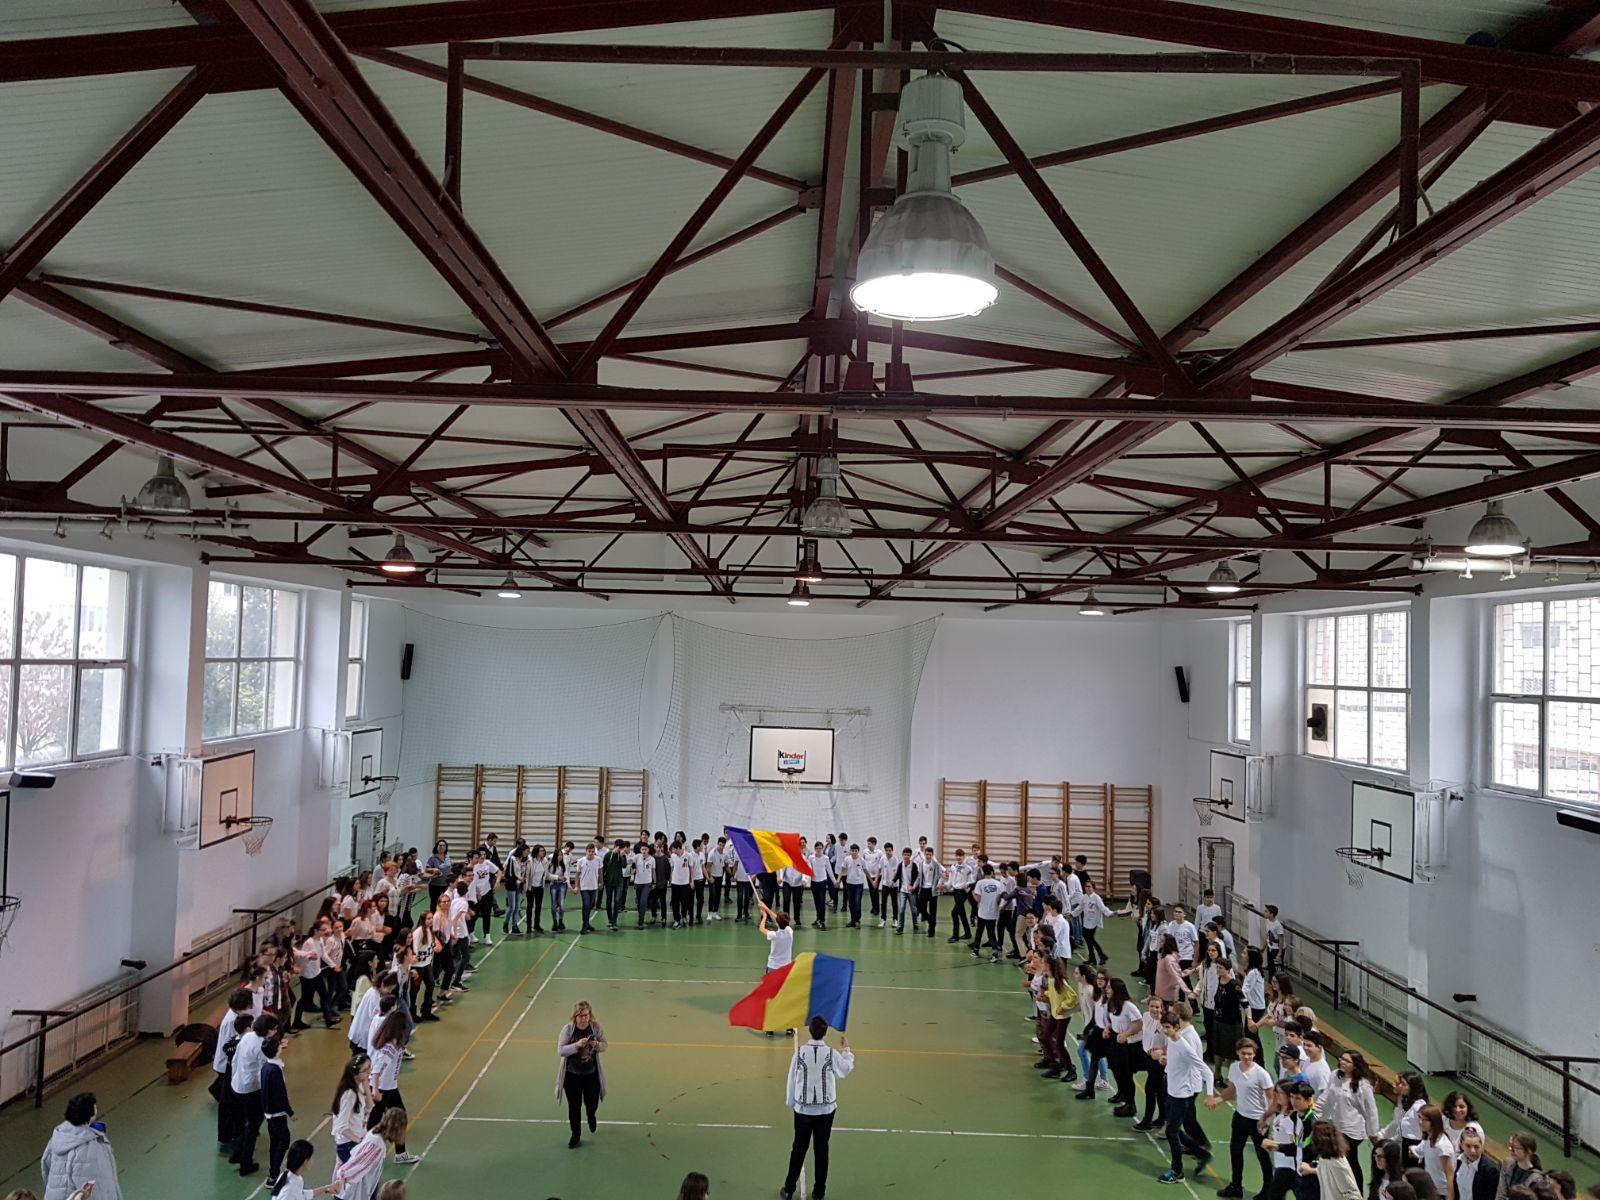 http://www.scoala12bucuresti.ro/site/wp-content/uploads/2017/12/19.jpg